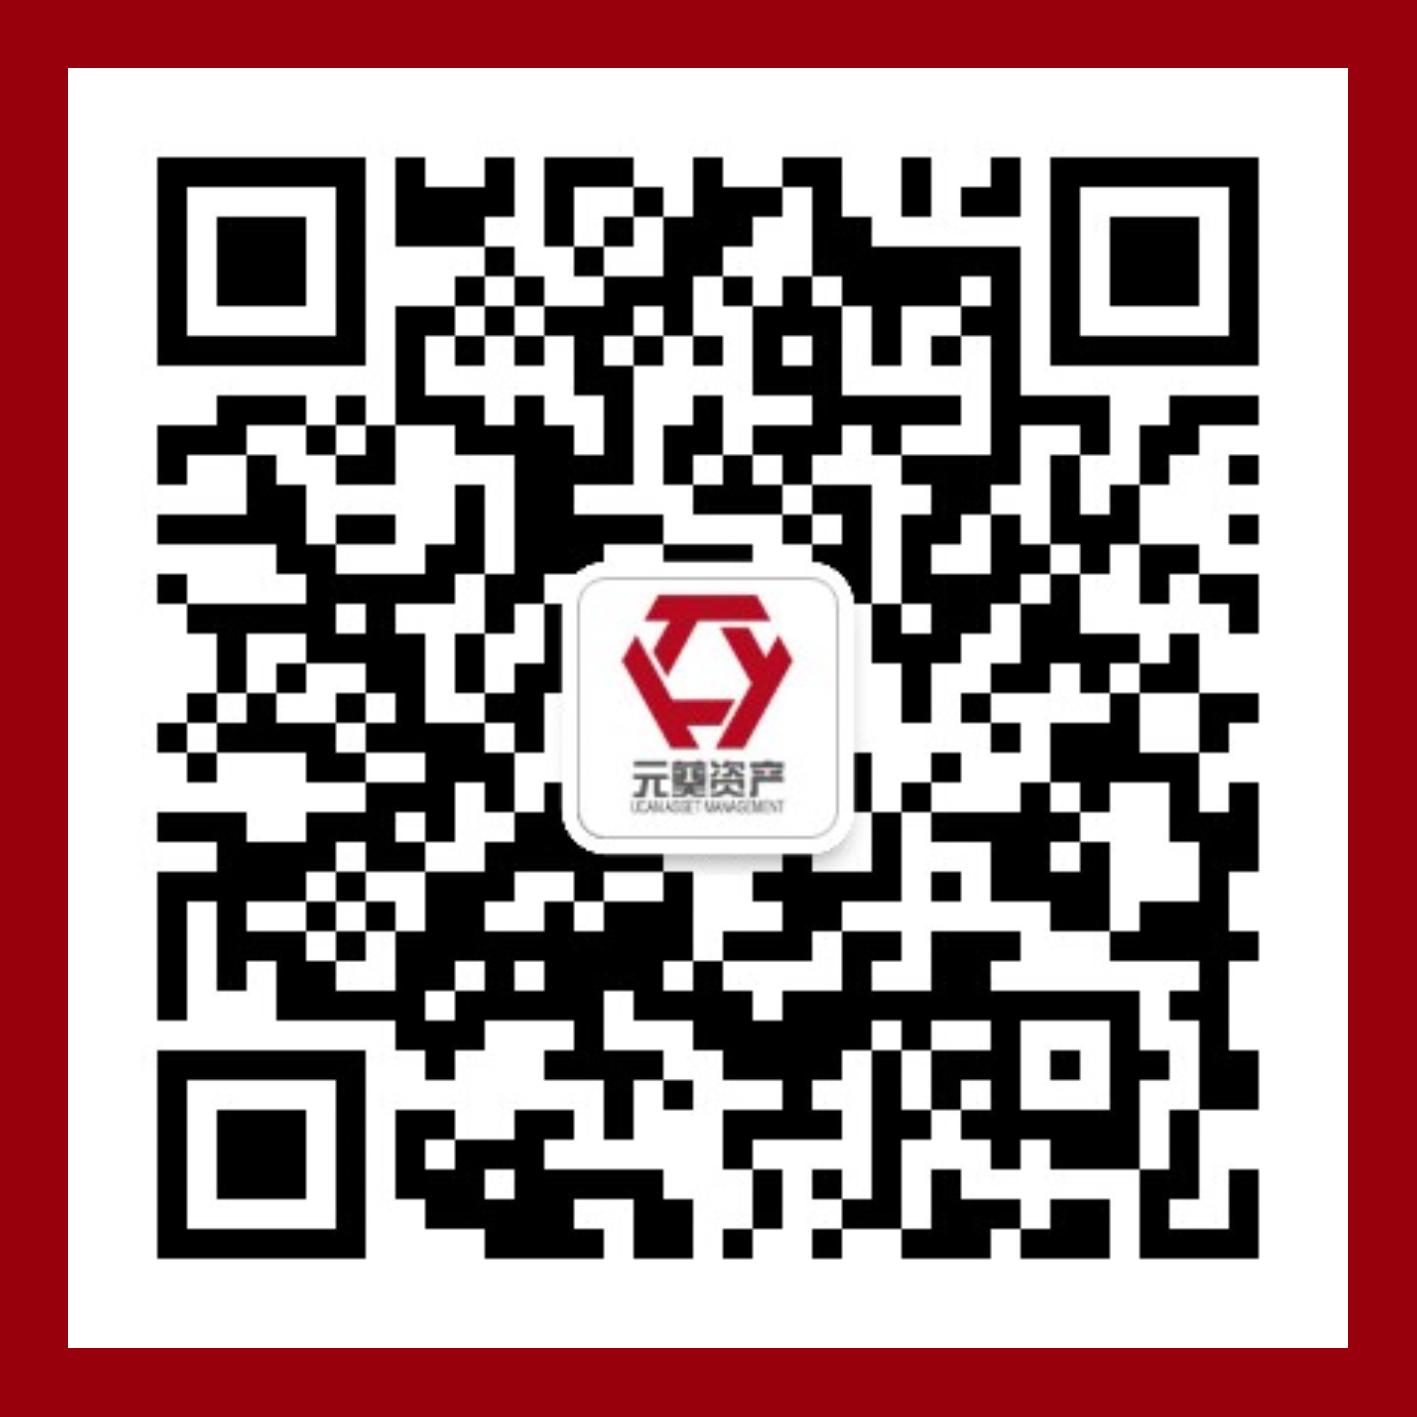 元葵公众号50cm红